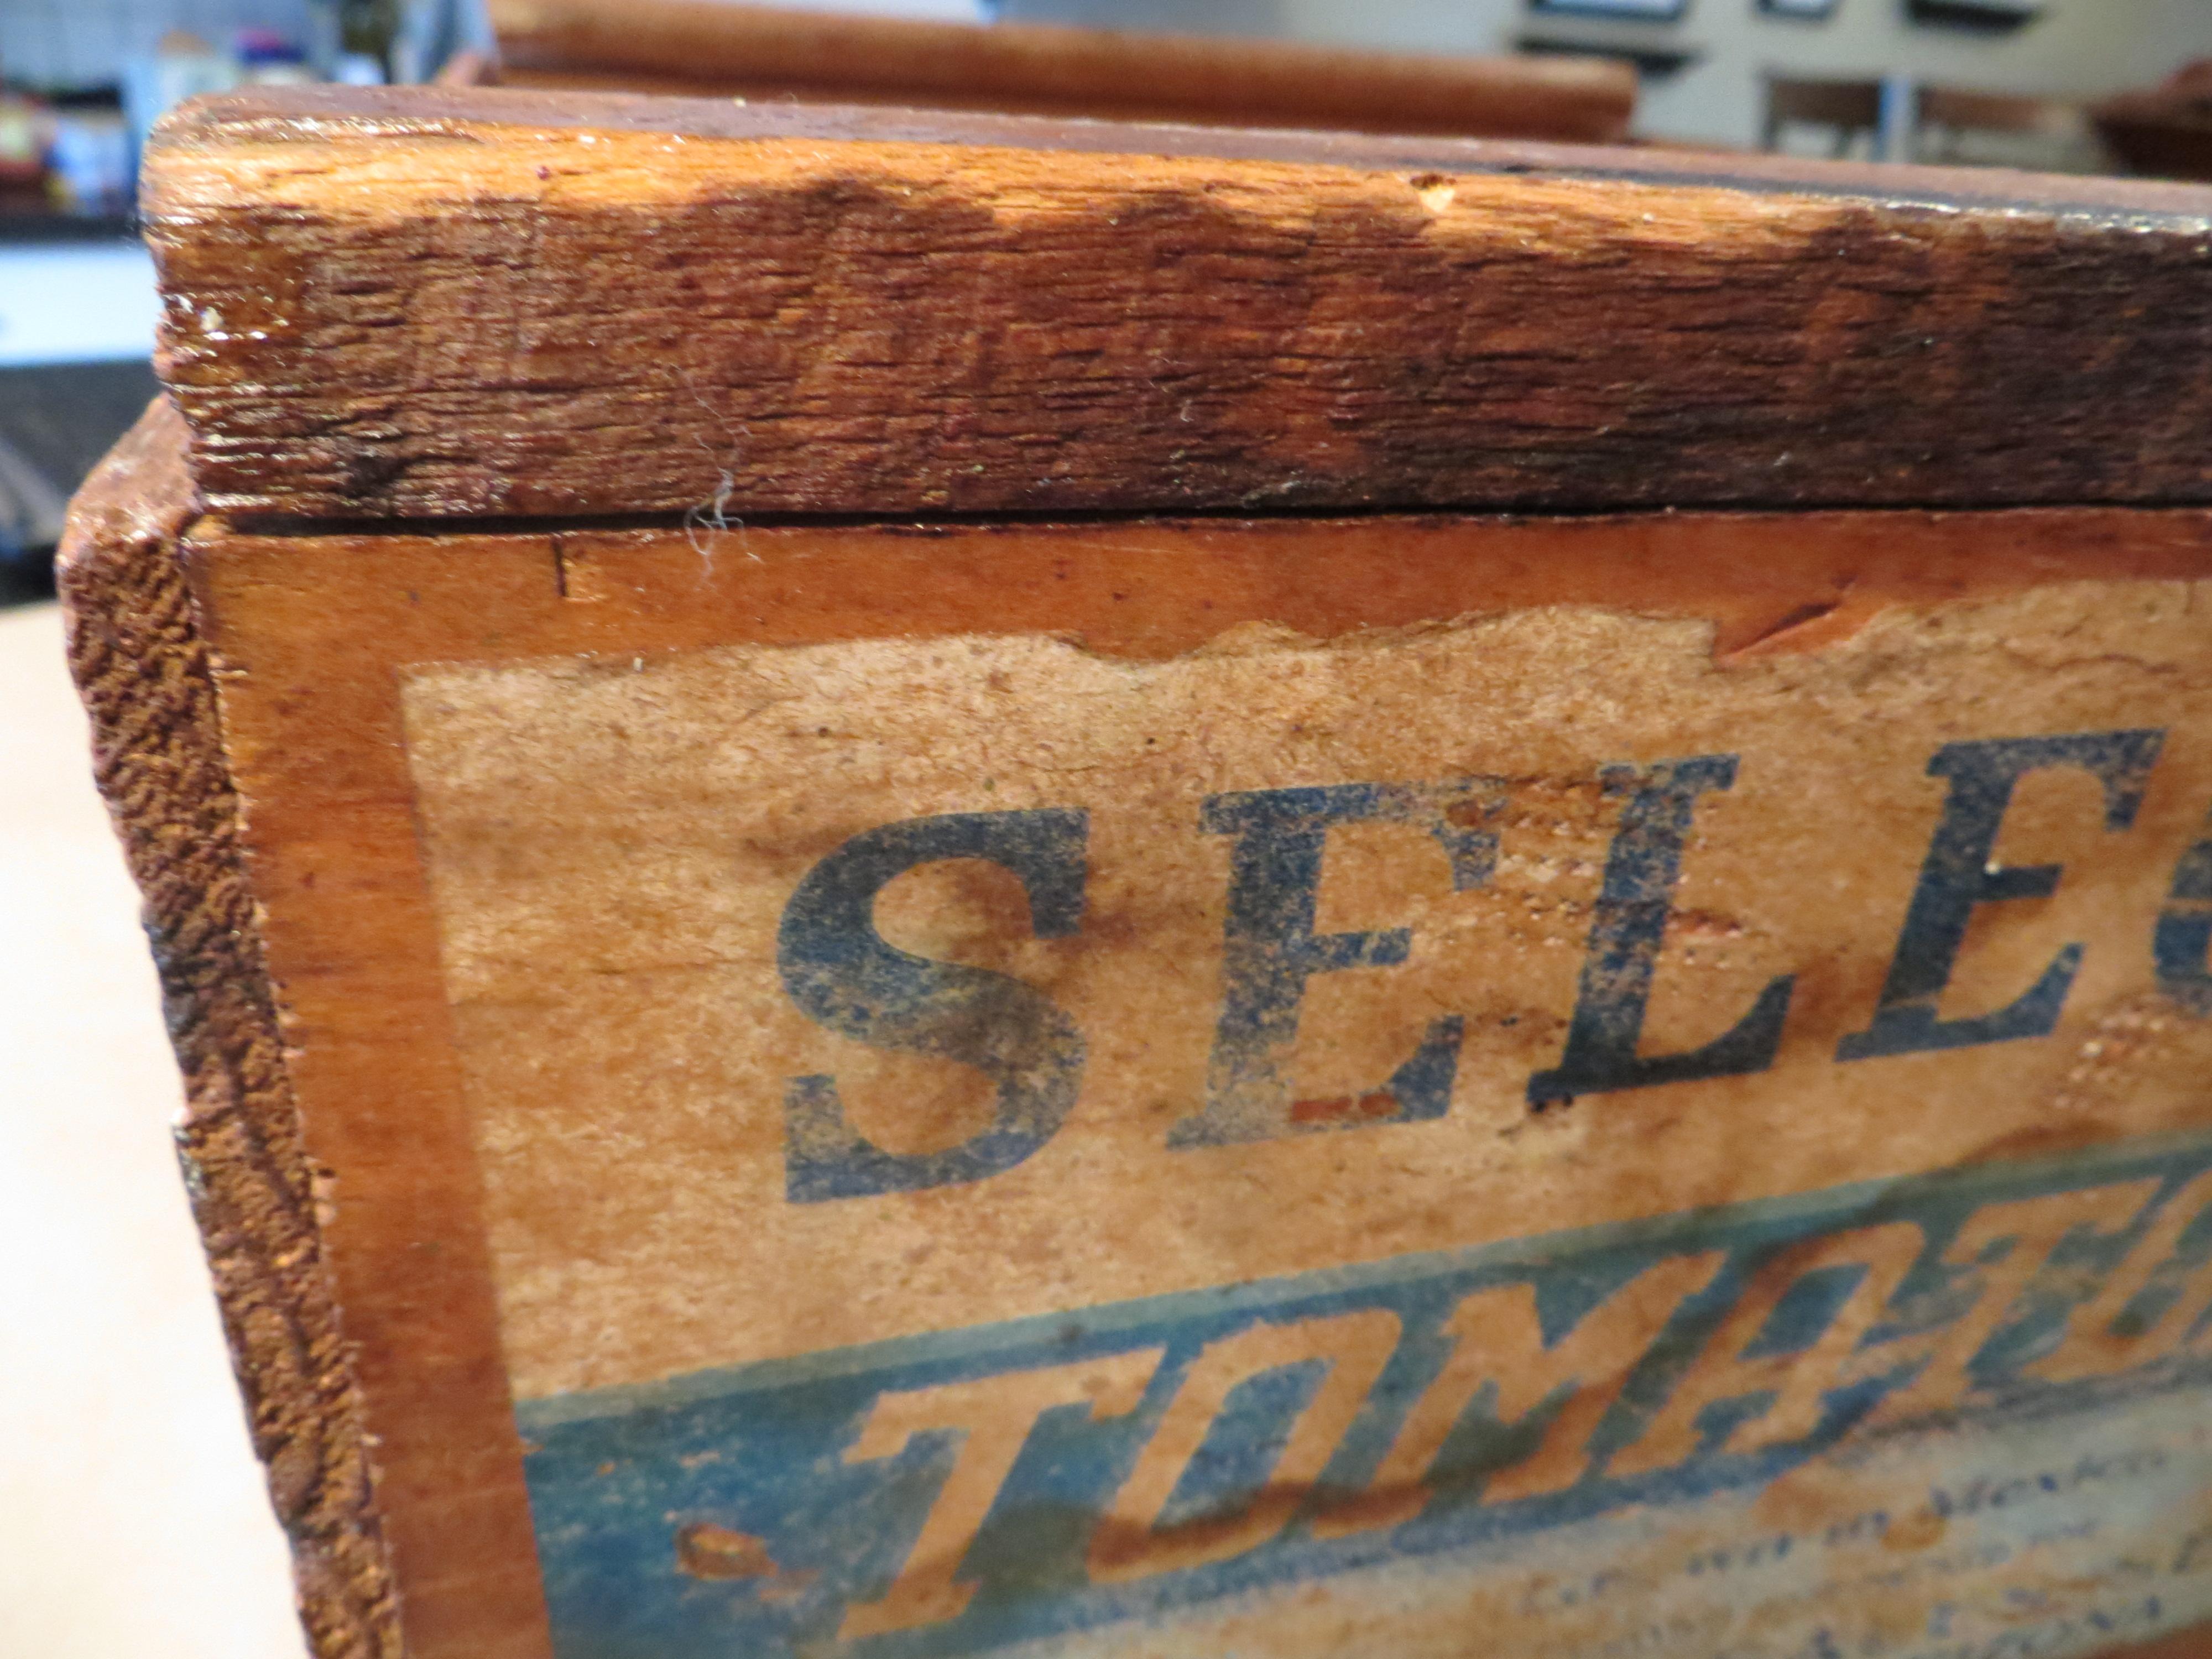 Instafurnituresus for Ashley home furniture albertville mn